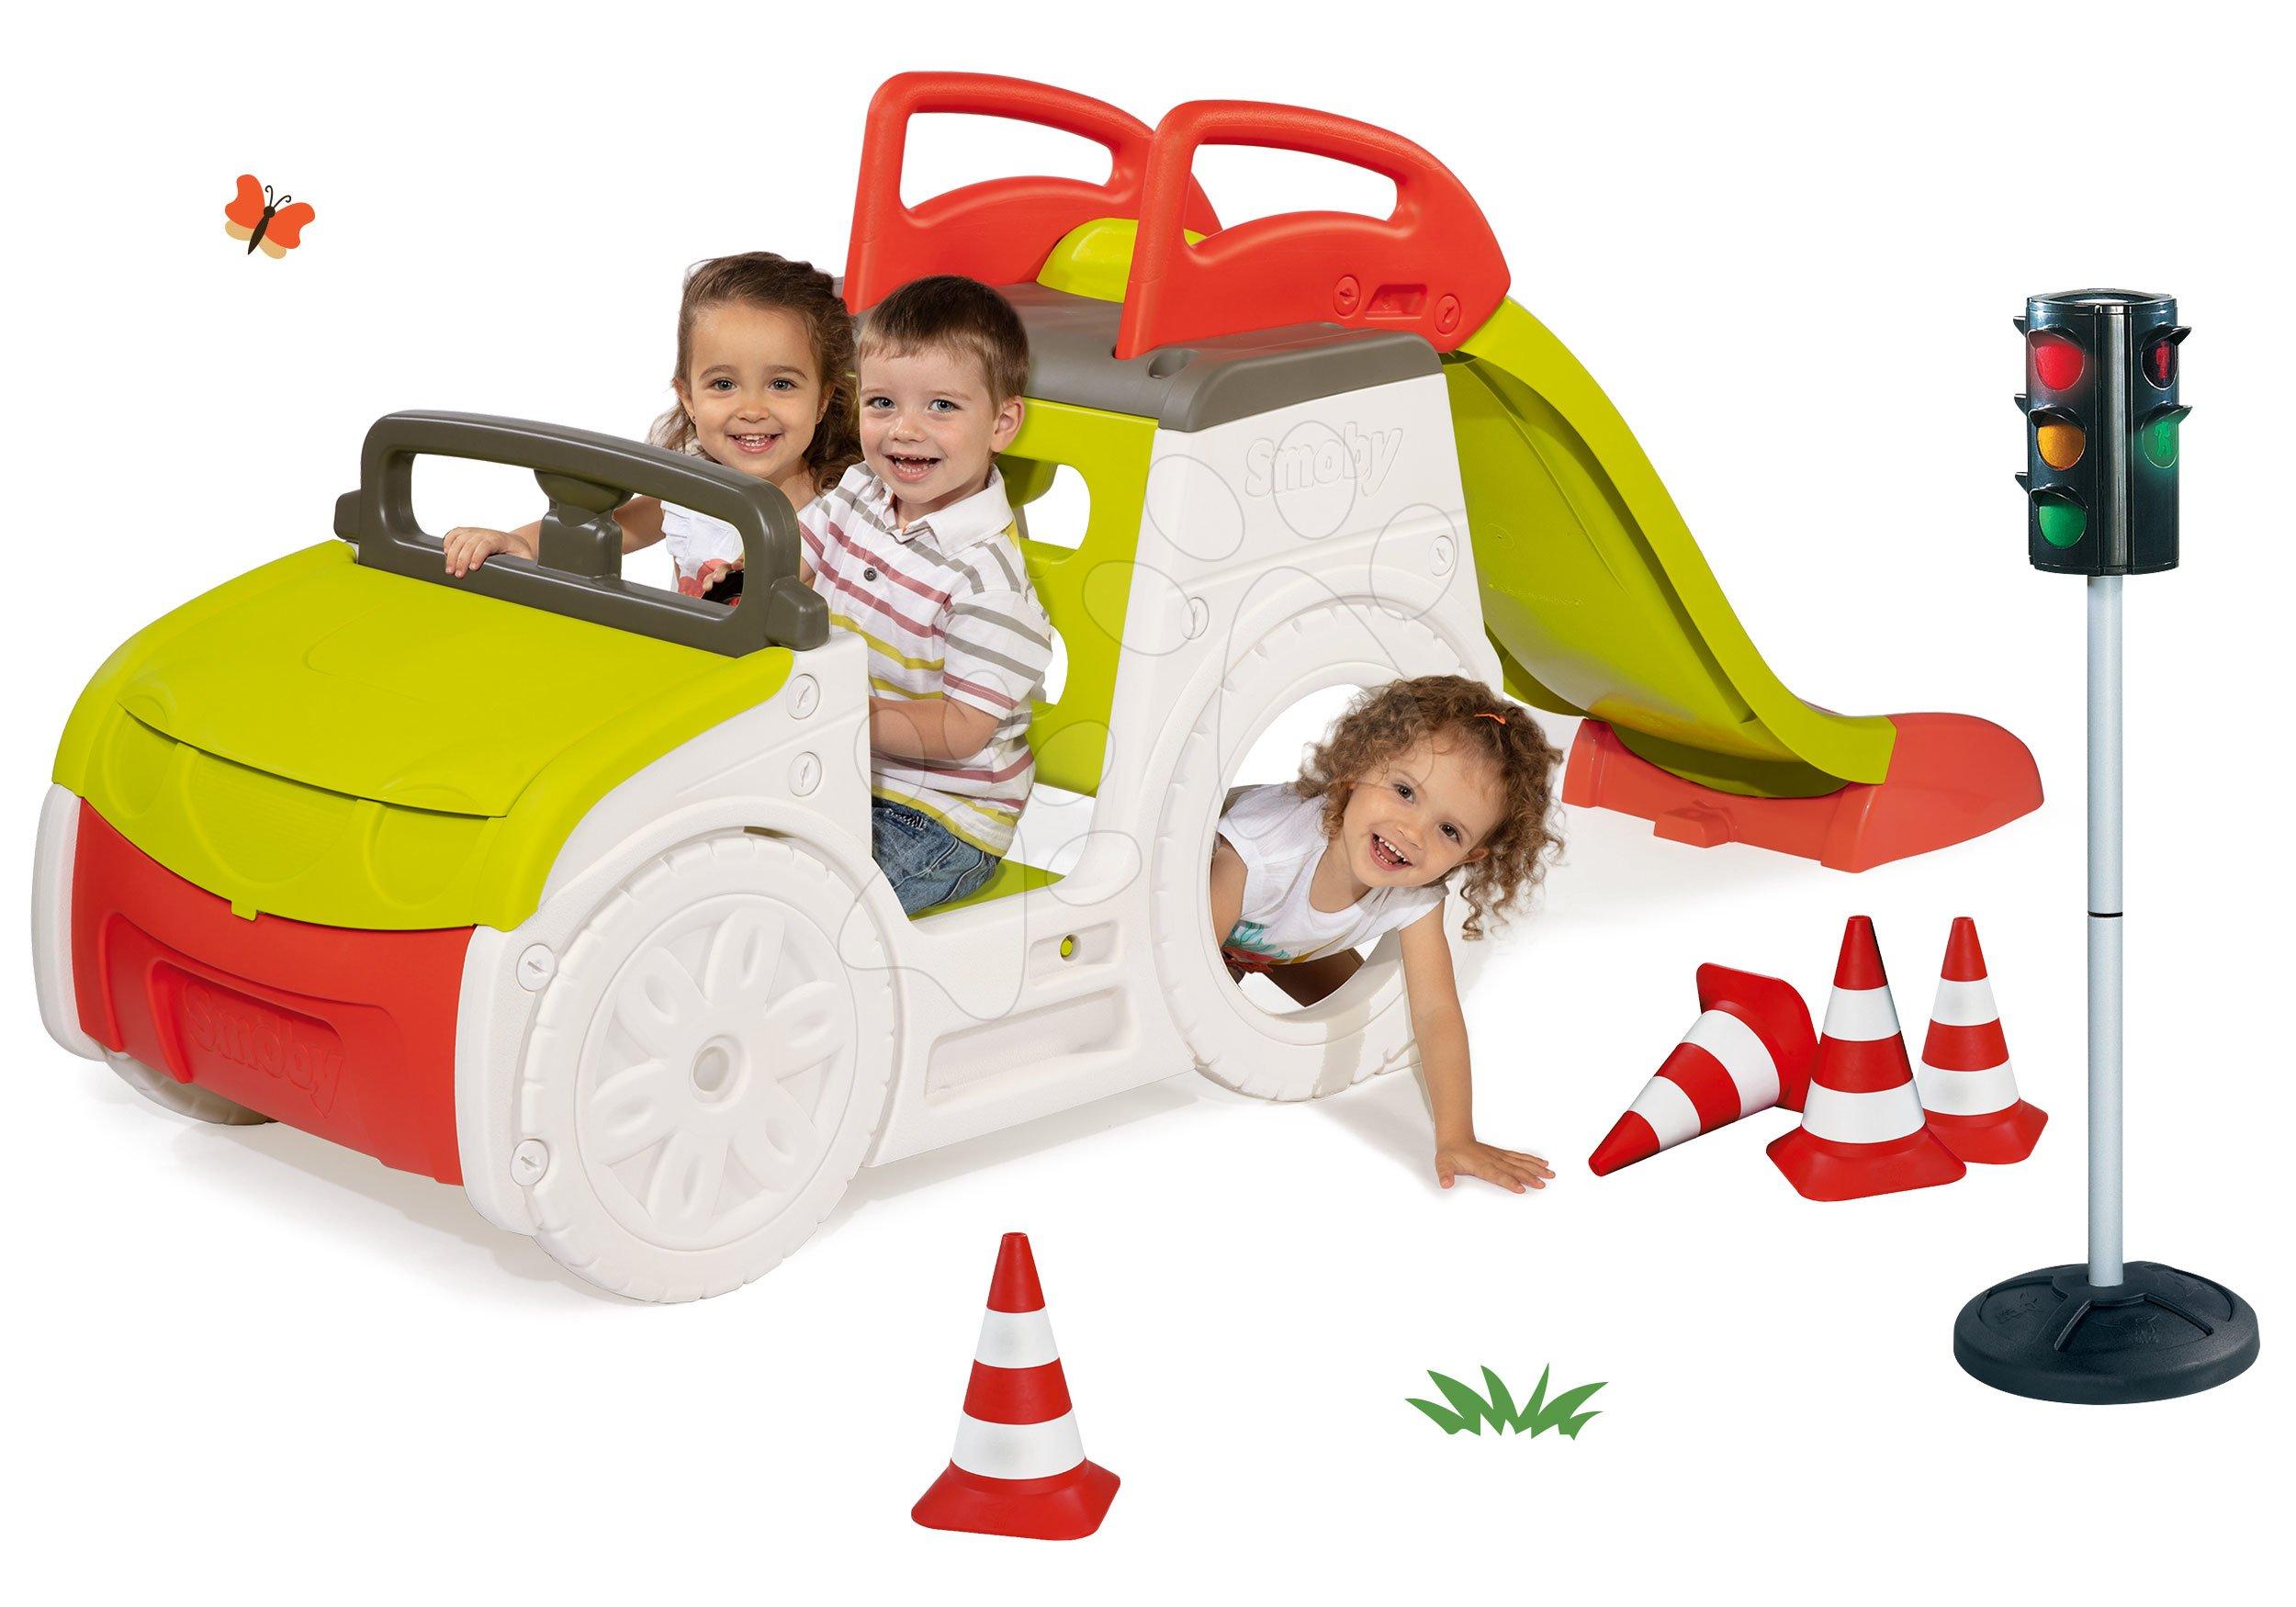 Set prolézačka se skluzavkou Adventure Car Smoby dlouhou 150 cm, semafor, dopravní značky, silniční kužely od 24 měsíců